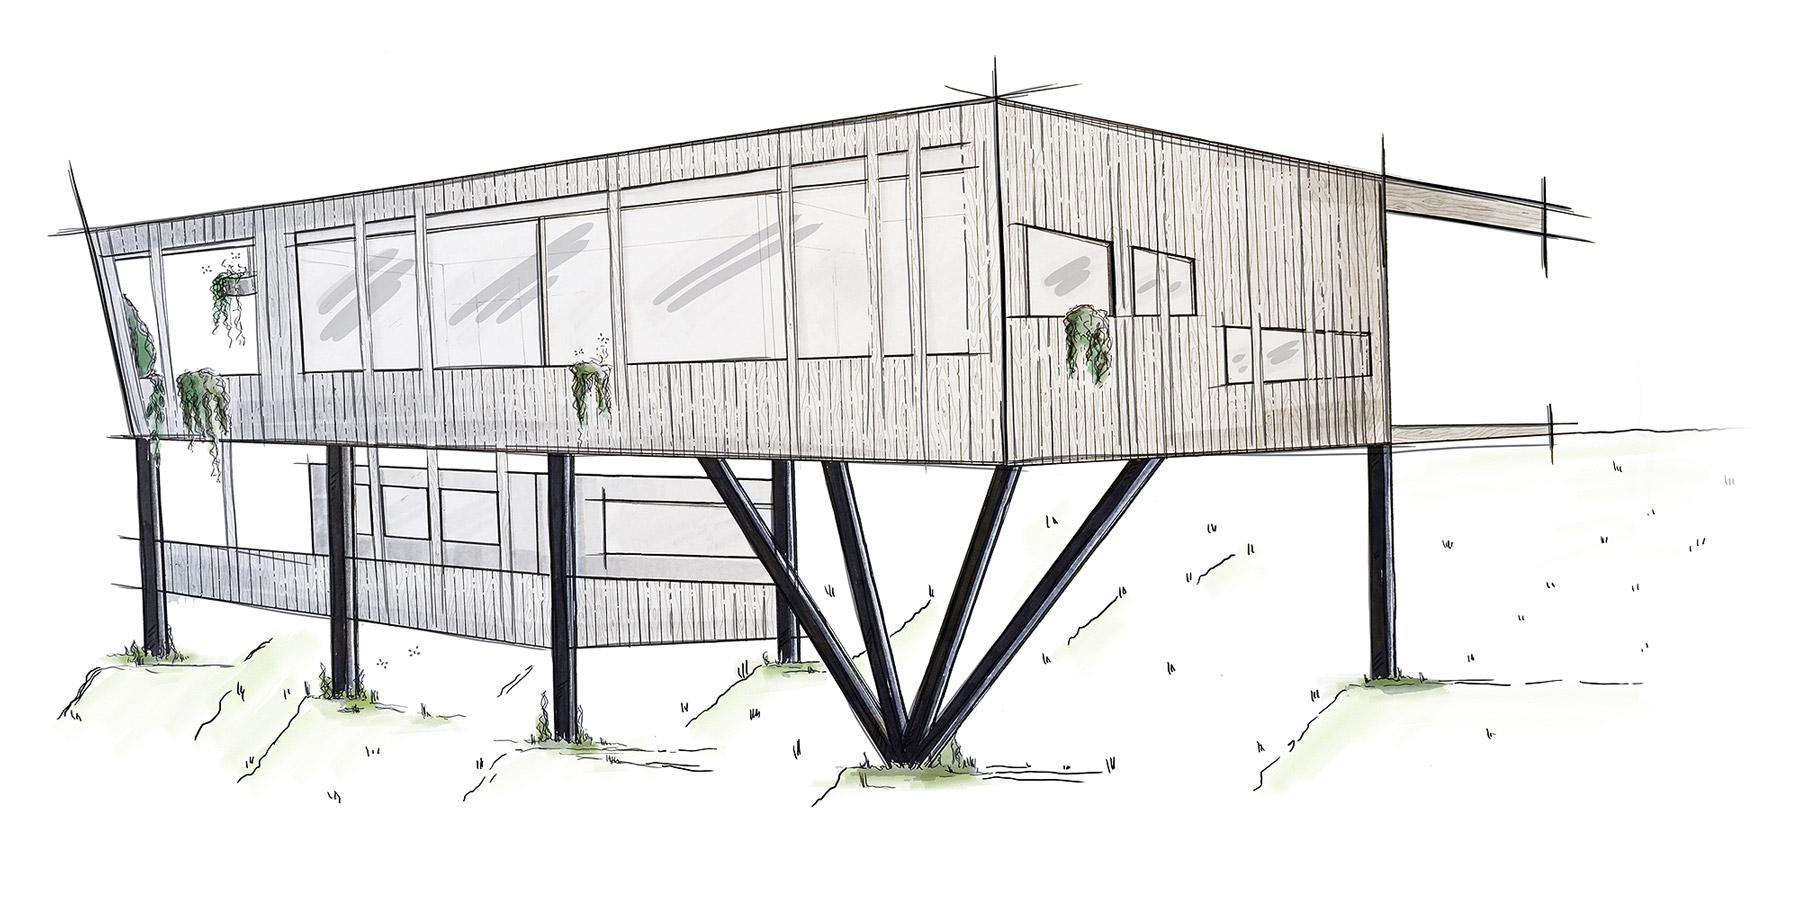 Illustration unseres Ökologischen Hauskonzepts in Hanglage